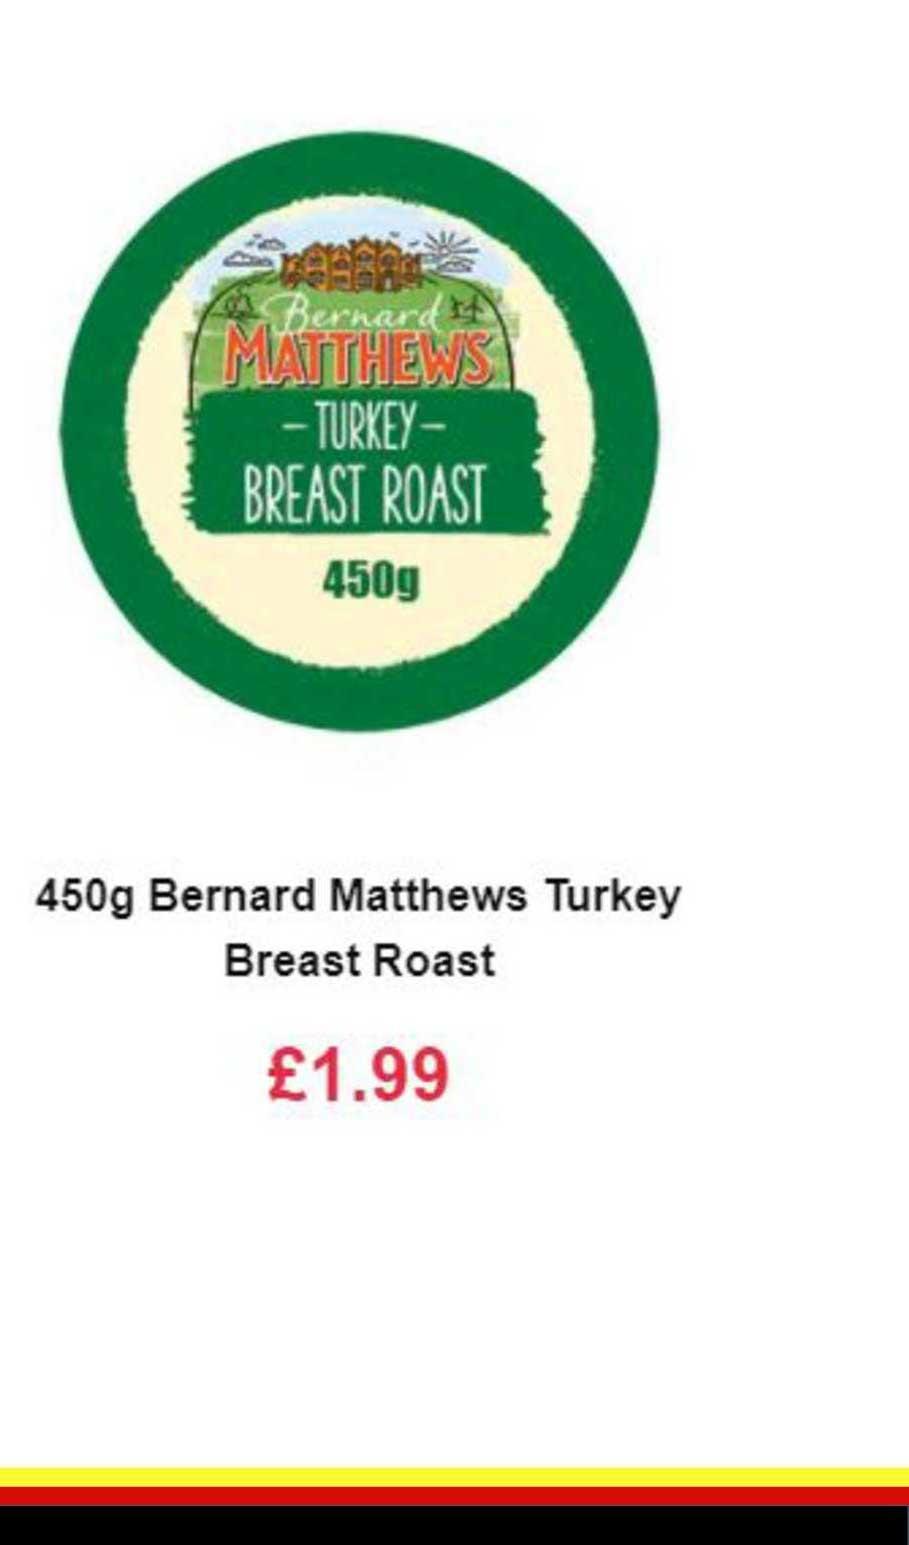 Farmfoods 450g Bernard Matthews Turkey Breast Roast